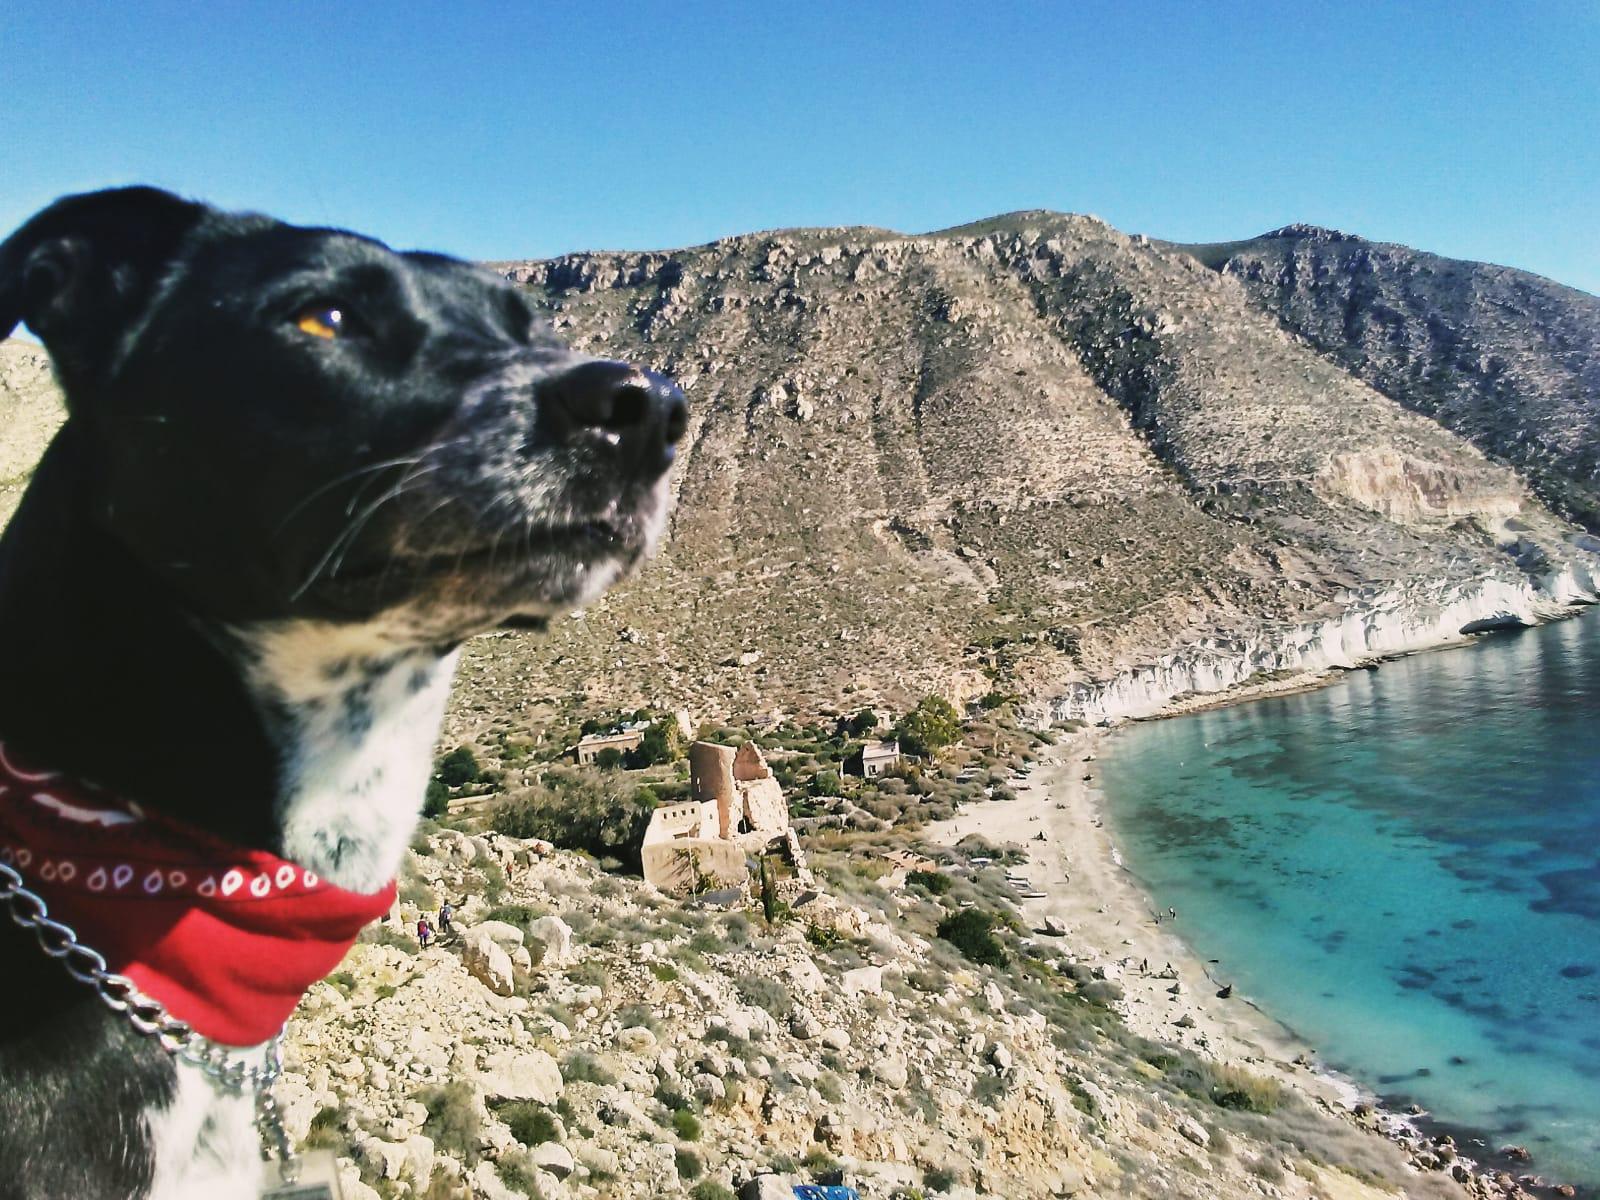 perro con pañuelo rojo mirando el mar y la montaña